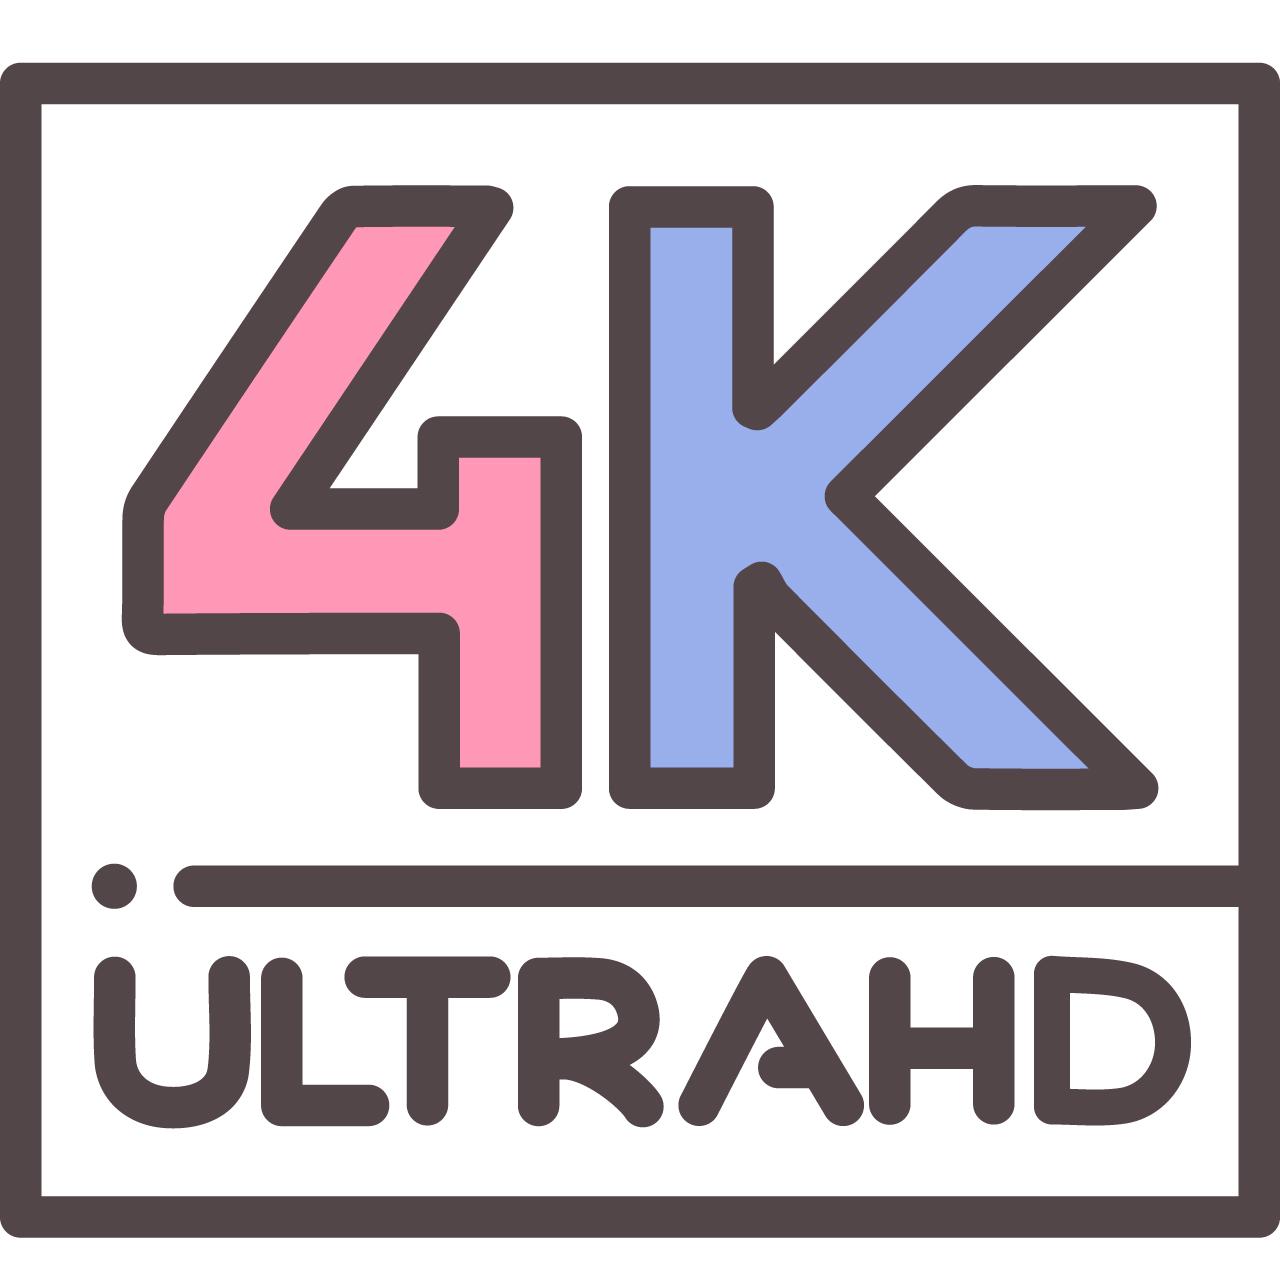 4K Ultra HD (3840x2160 pixels)